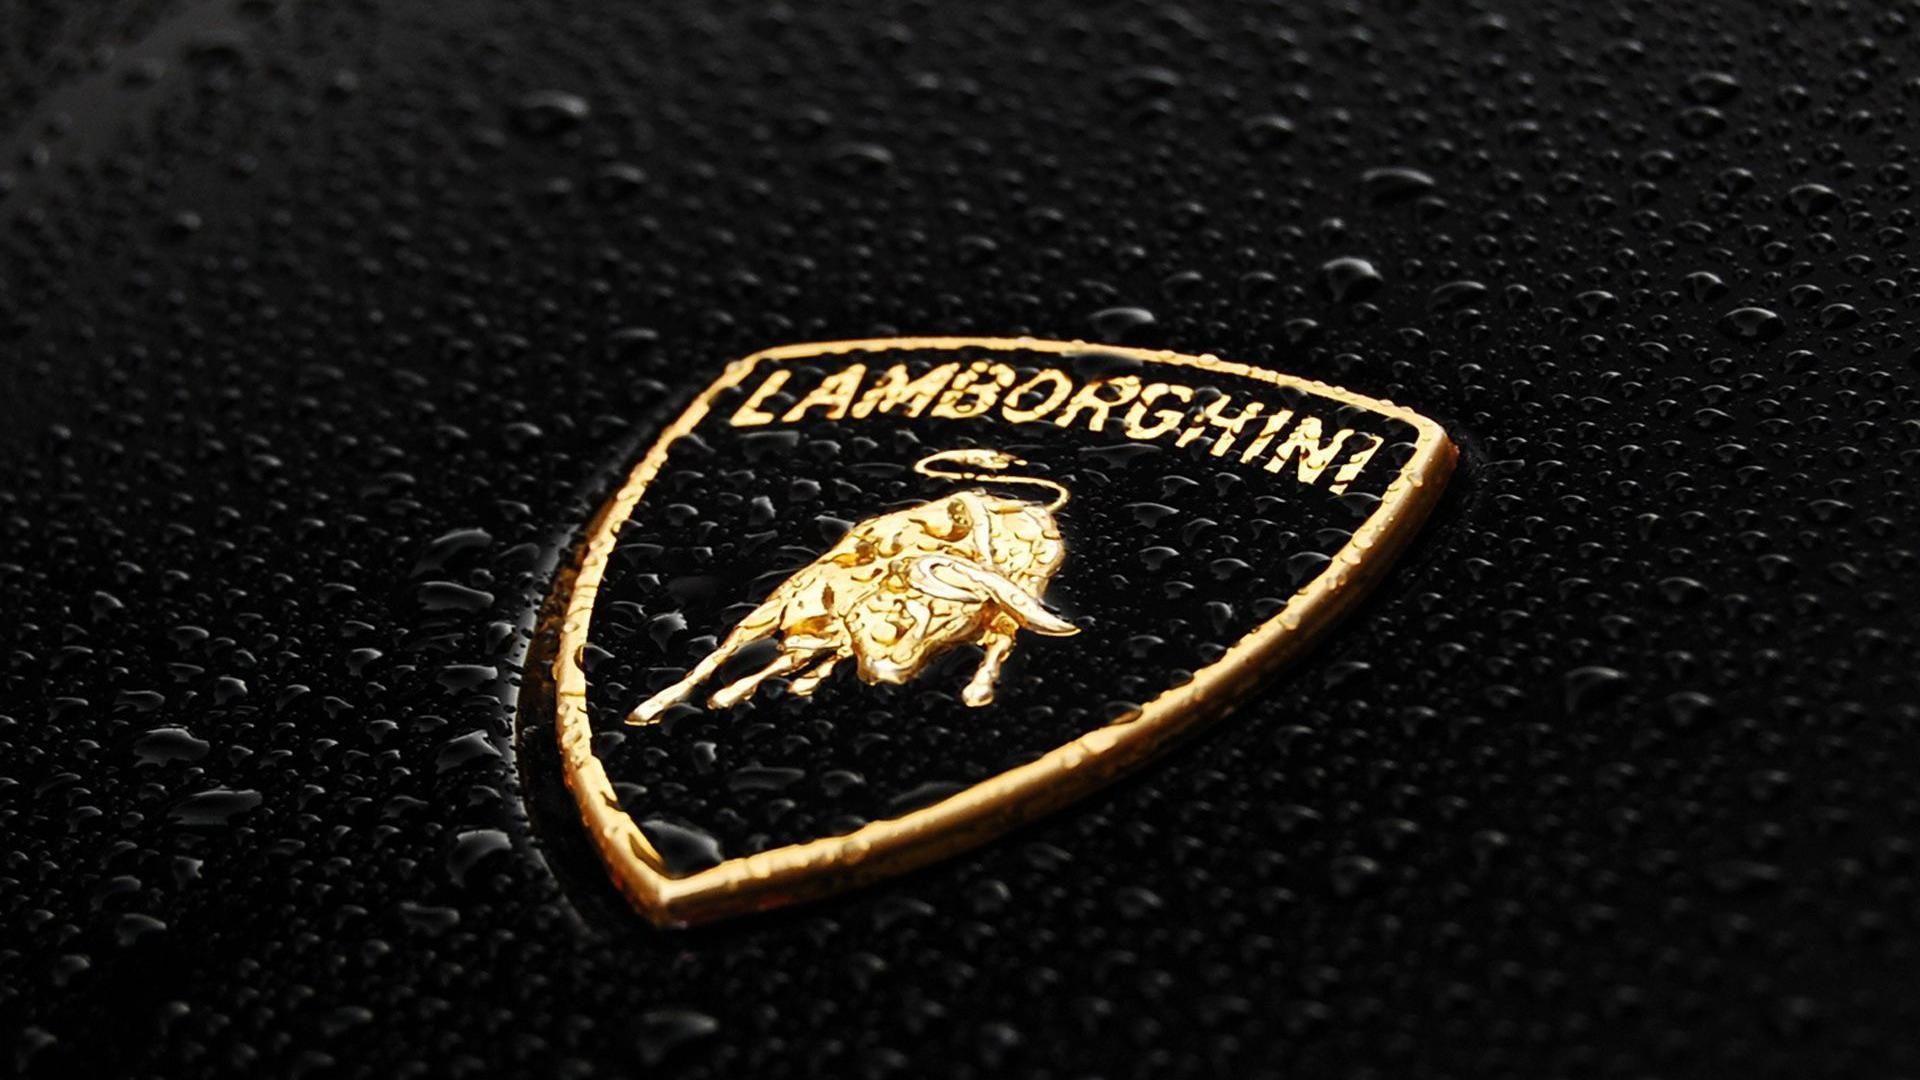 Lamborghini Car Company Logo Hd Wallpaper Lamborghini Logo